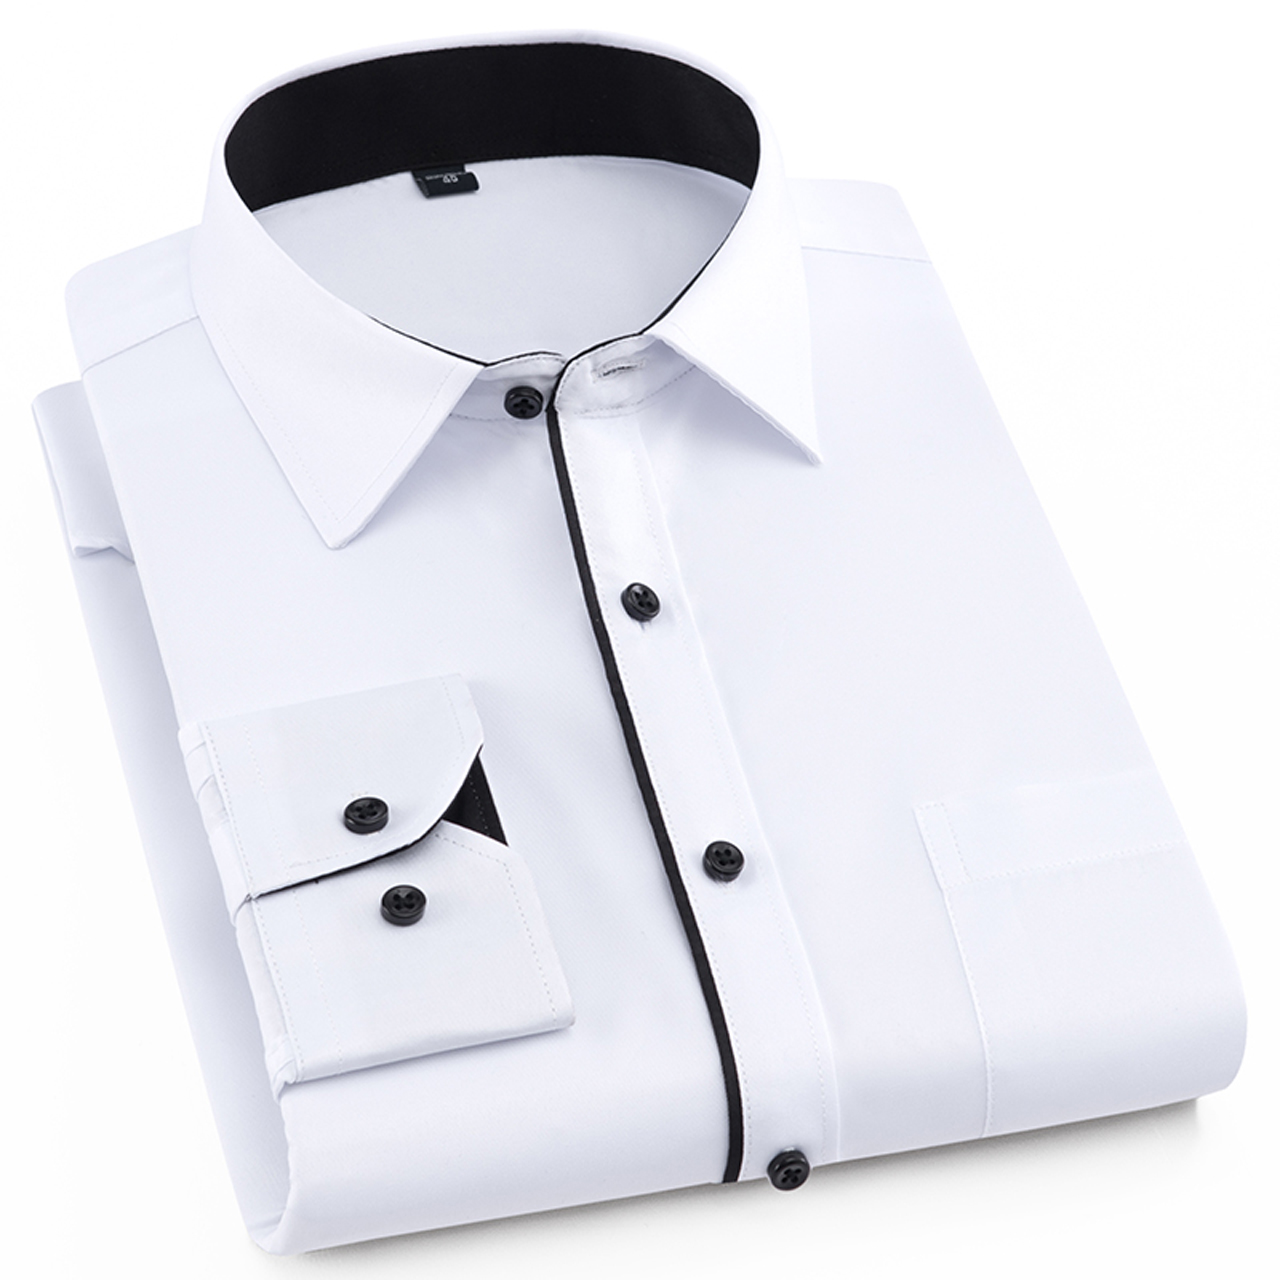 商务休闲抗皱春季纯色白衬衫男长袖寸衣男士衬衣修身职业装